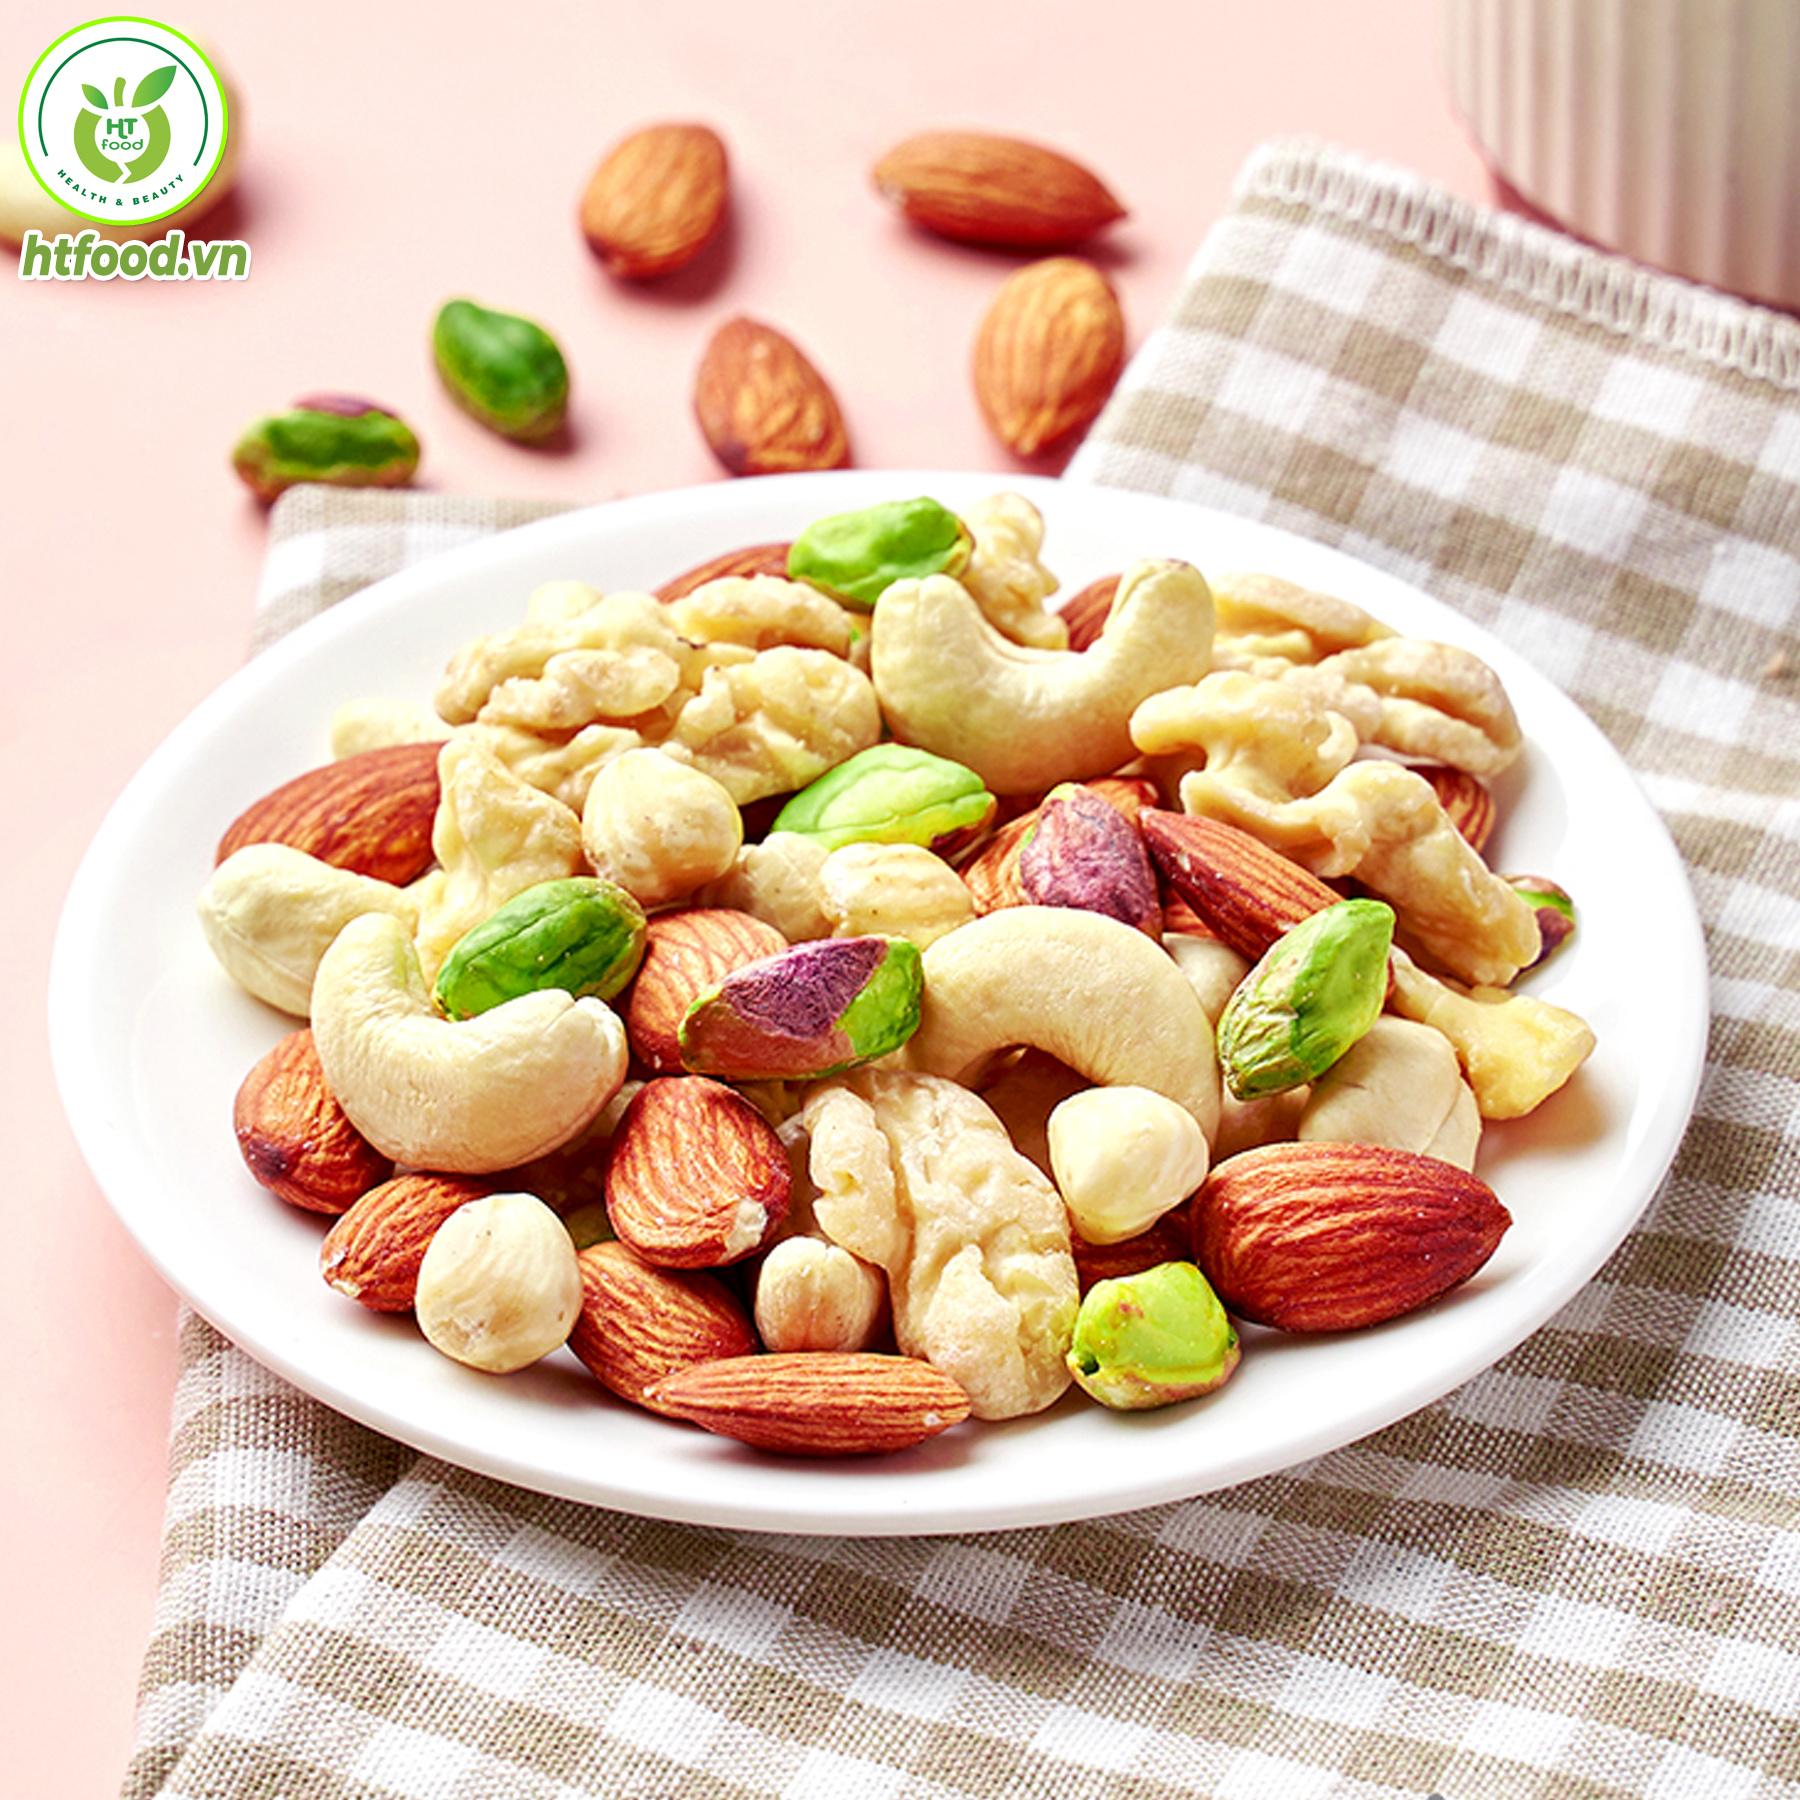 Mua hạt dinh dưỡng ở Hà Nội